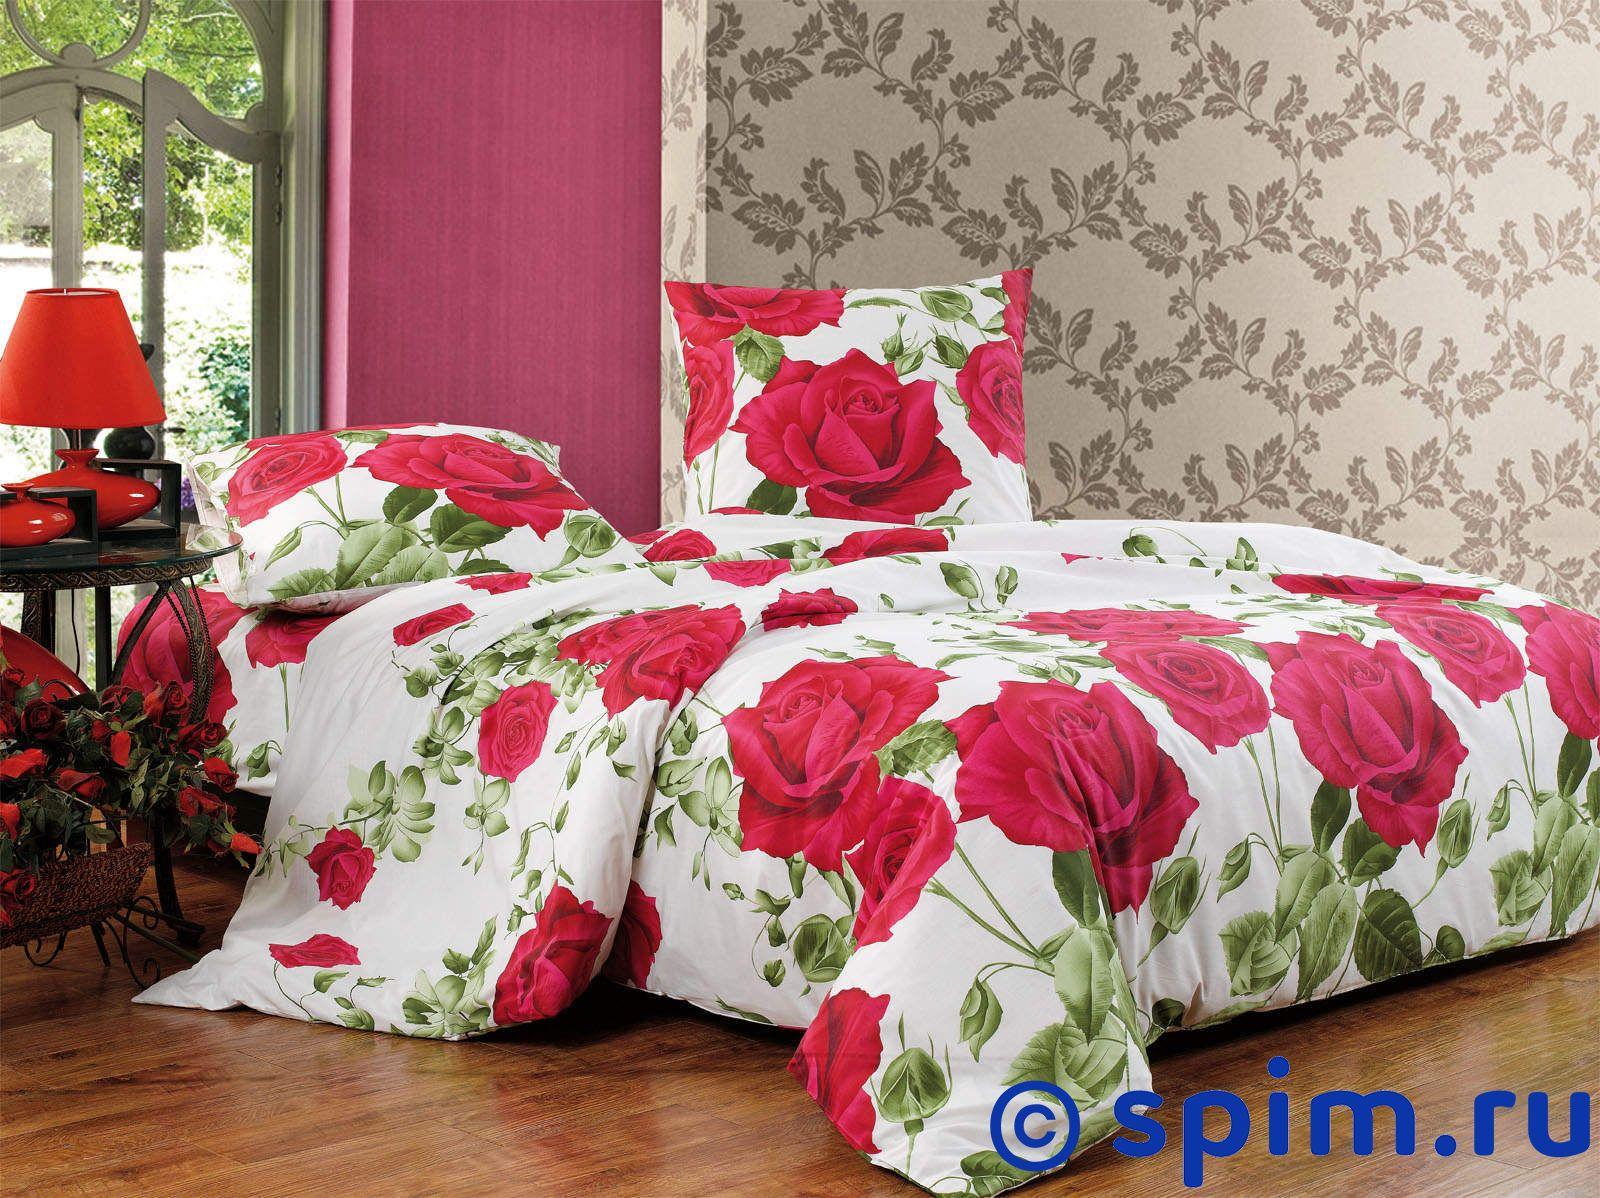 Комплект СайлиД А117 1.5 спальное